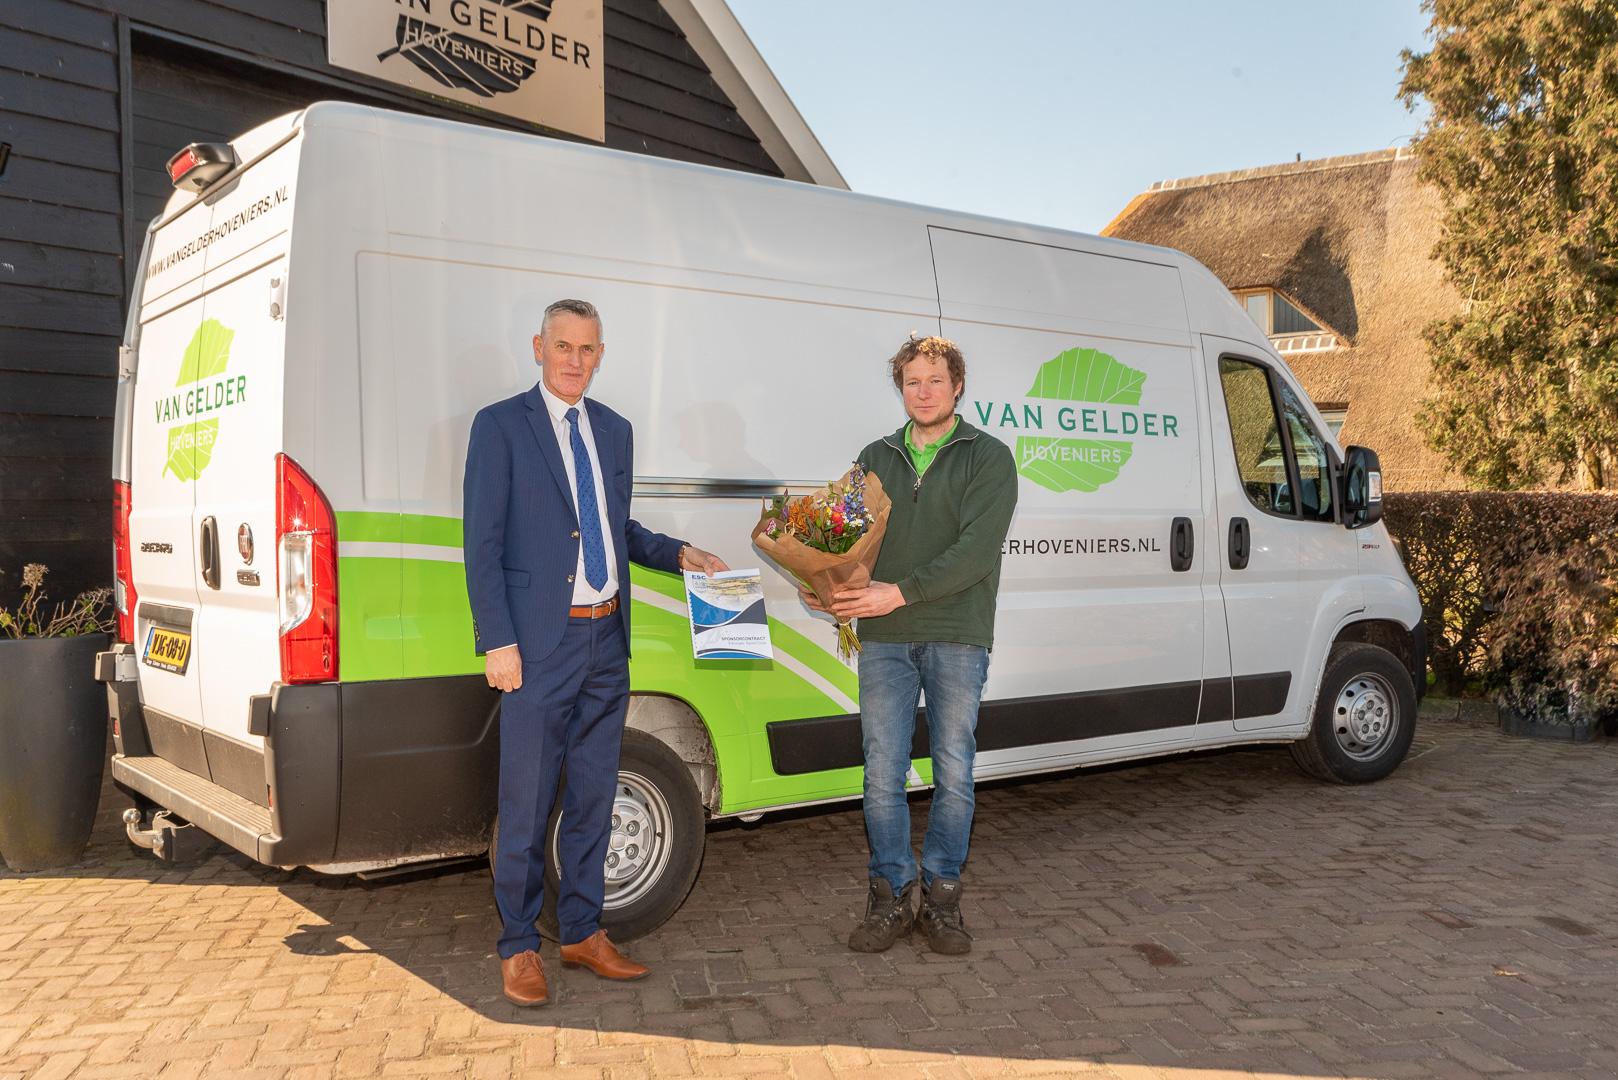 ElburgerSC - Van Gelder Hoveniers nieuwe bordsponsor